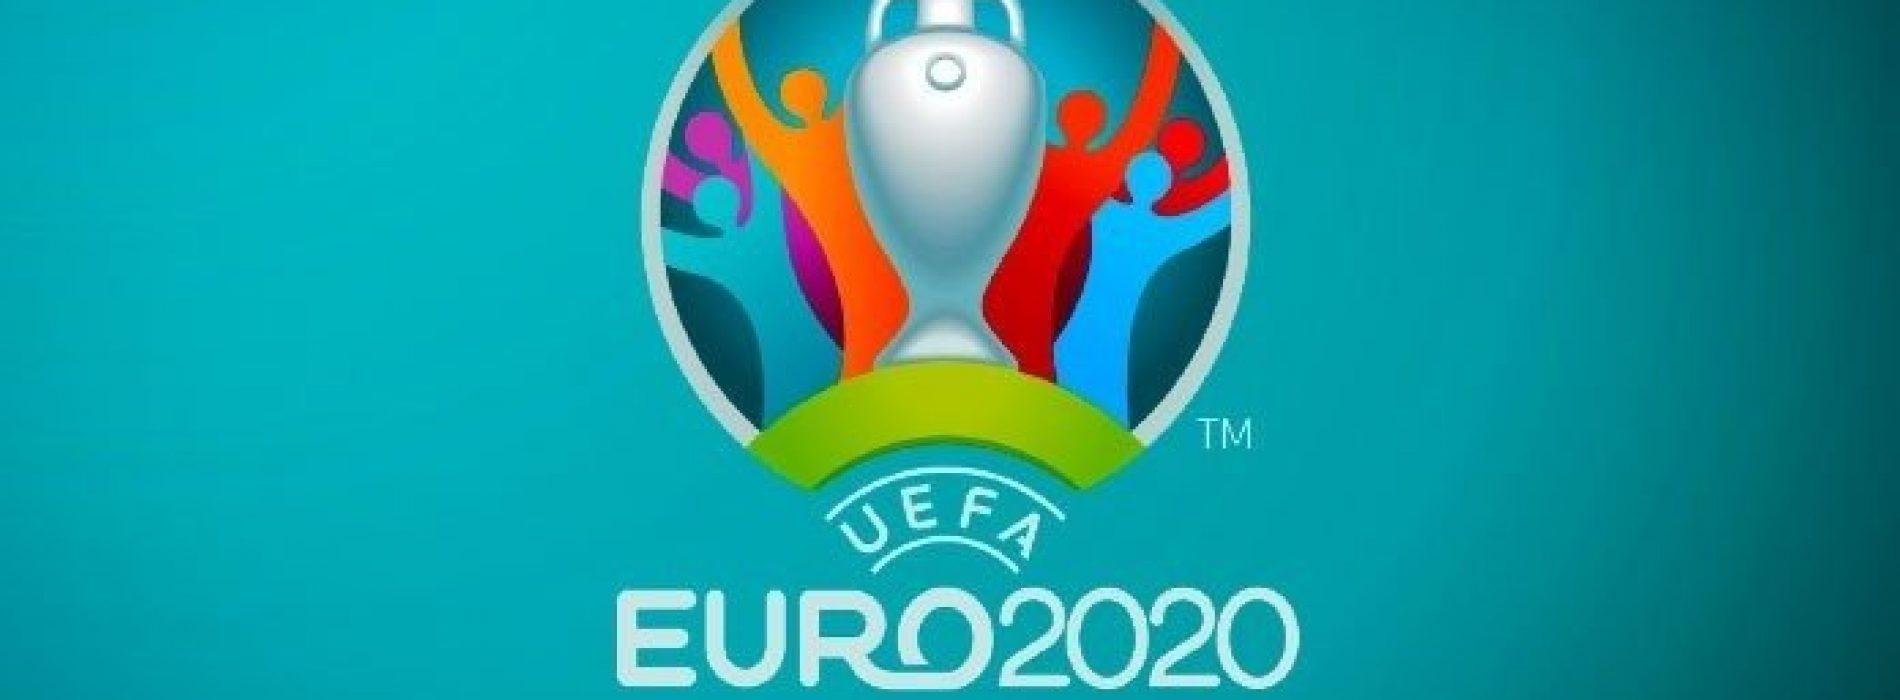 UFFICIALE Europei rinviati al 2021, c'è l'annuncio della UEFA